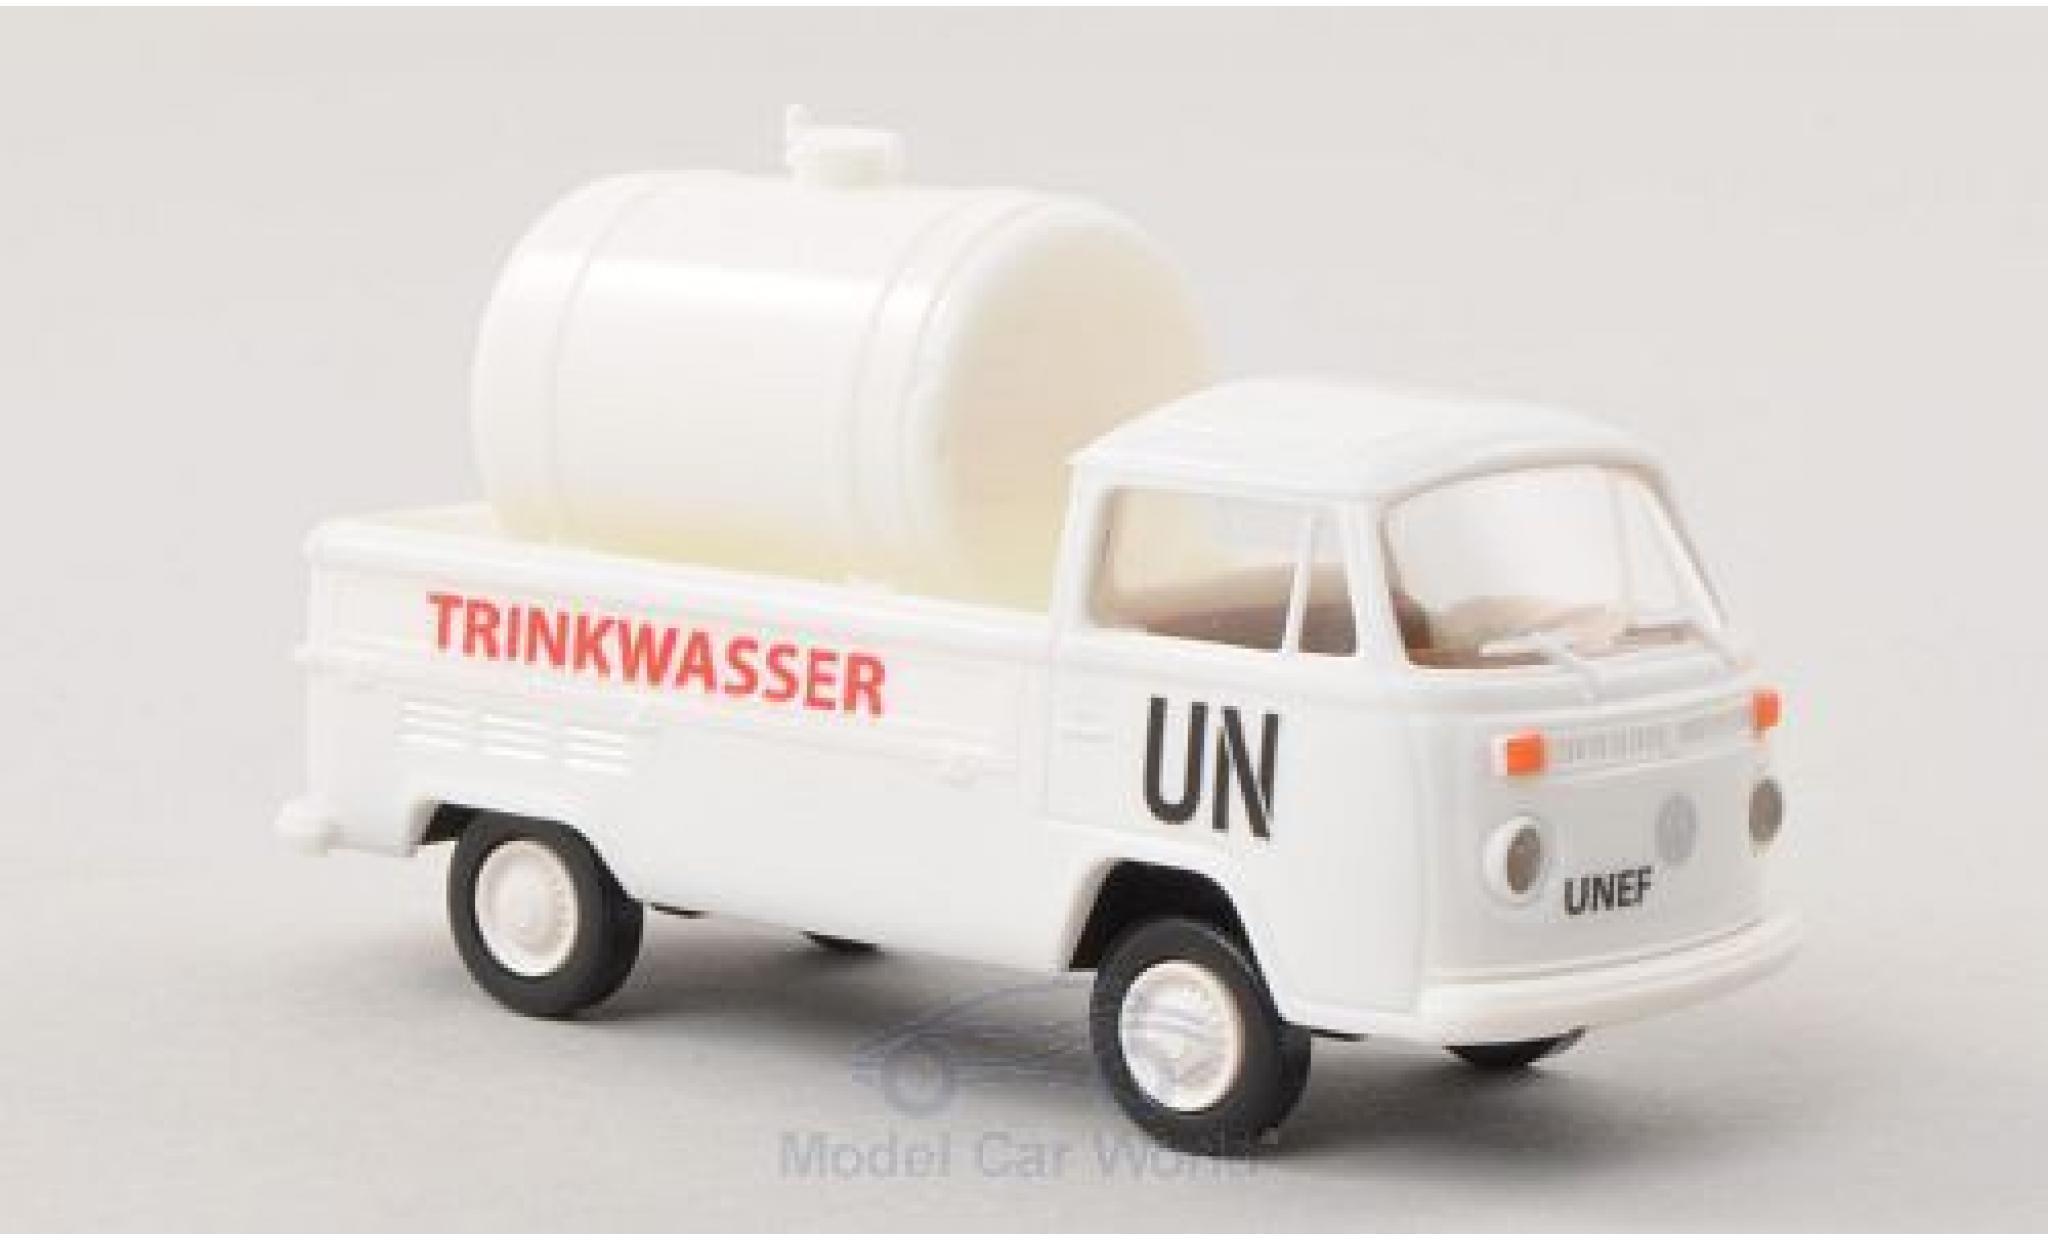 Volkswagen T2 A 1/87 Brekina UN - Trinkwasser mit Ladegut